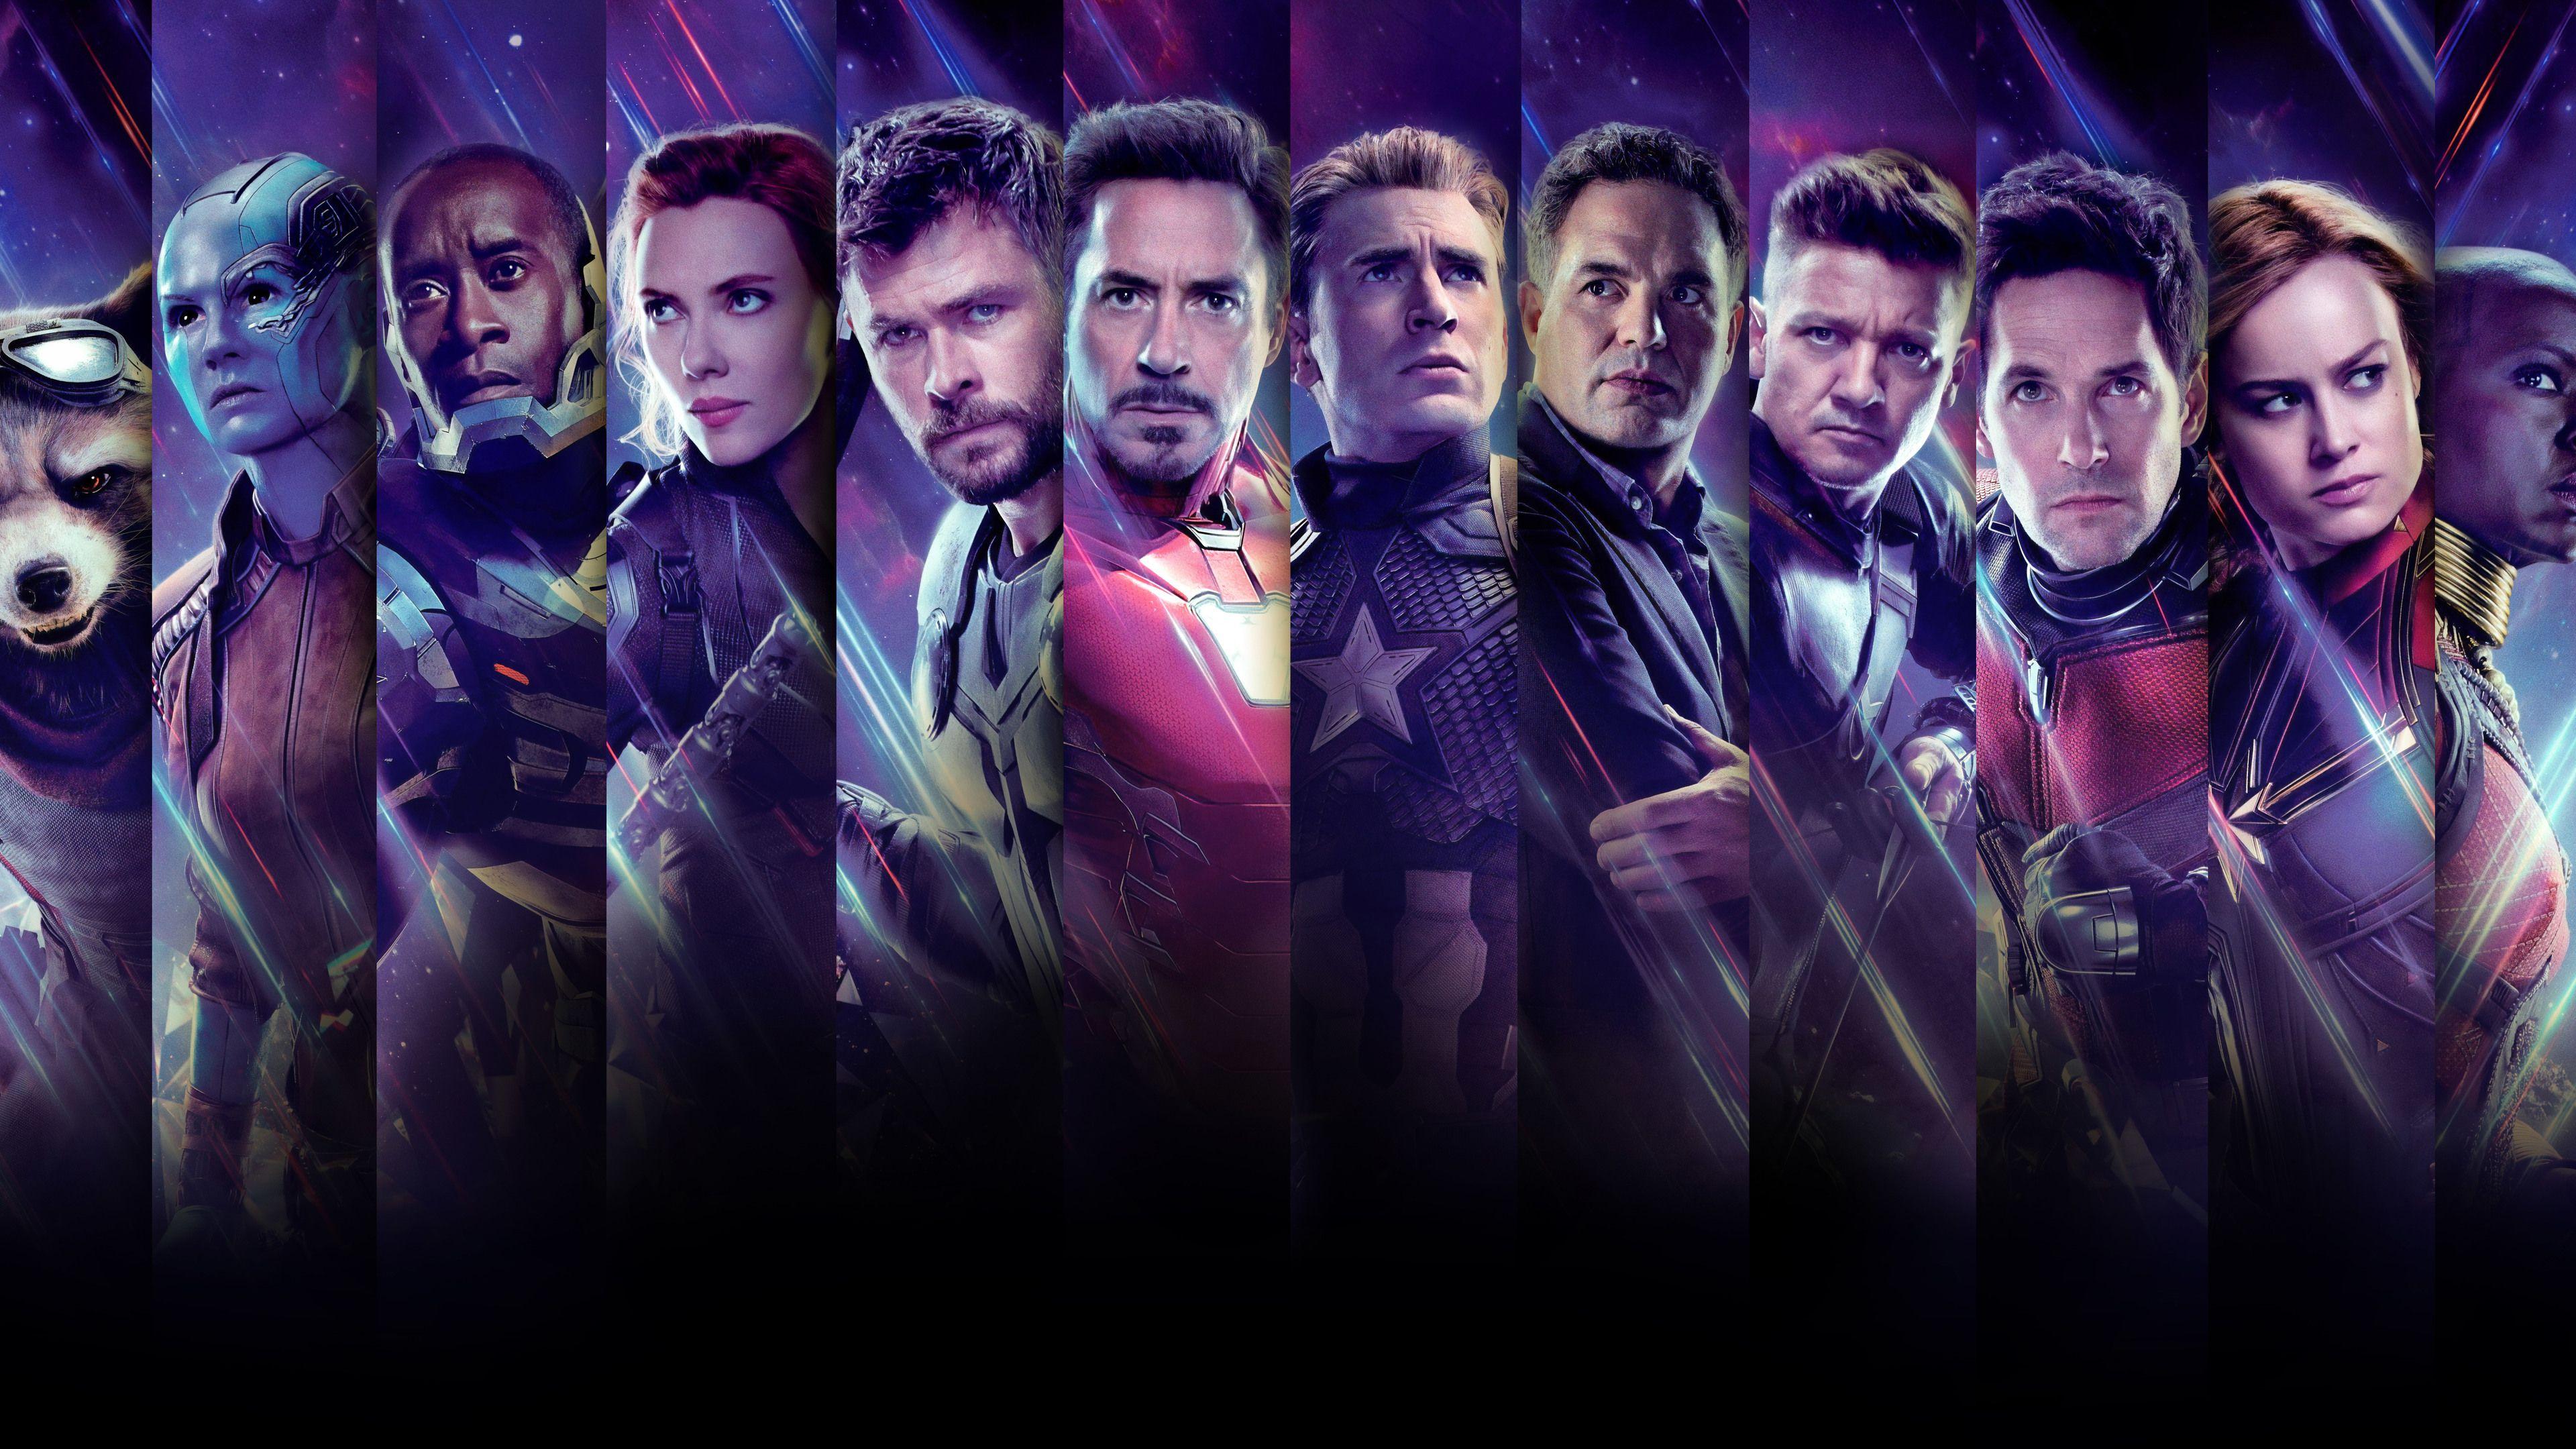 Avengers End Game Collage Poster 4k War Machine Wallpapers Thor Wallpapers Thanos Wallpapers Superheroes Wal Captain America Wallpaper Okoye Marvel Avengers